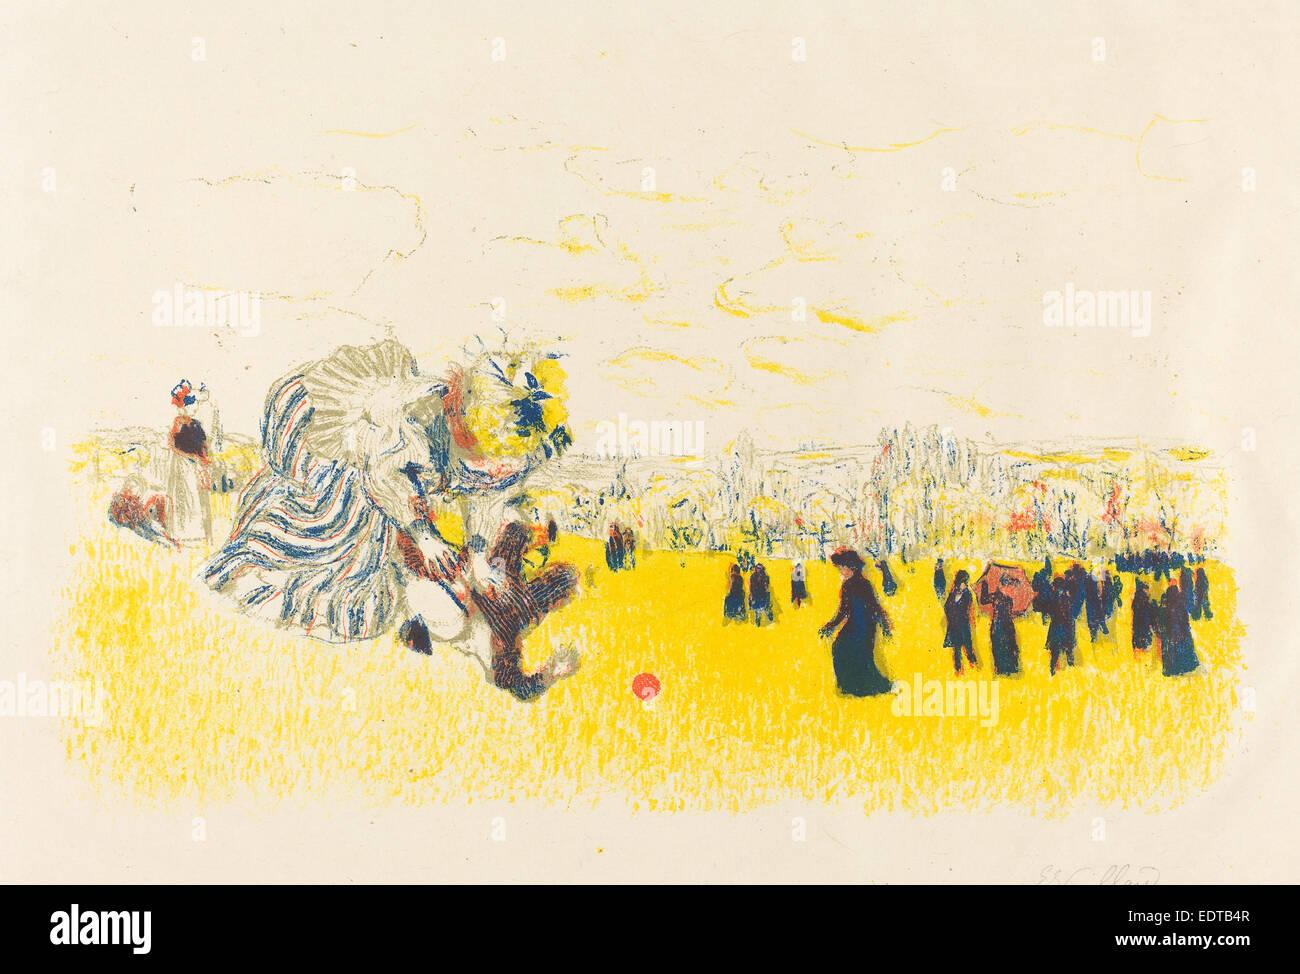 Edouard Vuillard (French, 1868 - 1940), Children's Pastime (Jeux d'enfants), published 1897, color lithograph - Stock Image